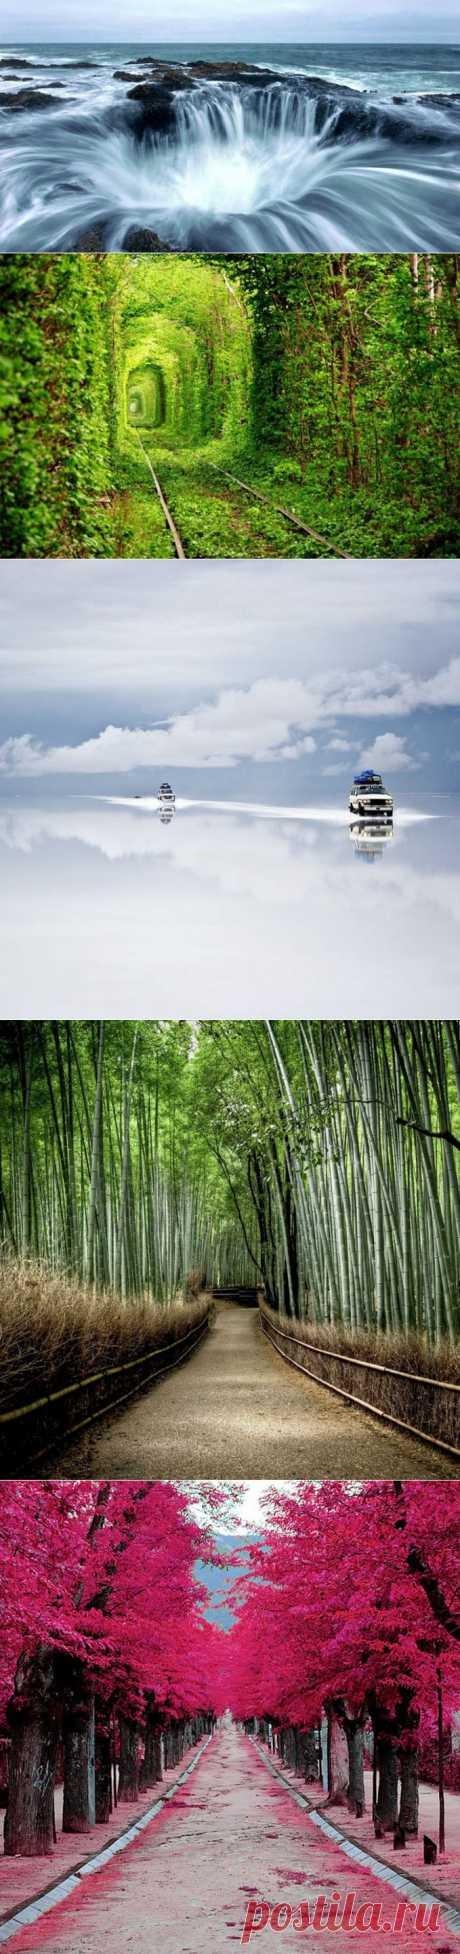 25 самых красивых мест мира которые стоит посетить | Kayrosblog.ru